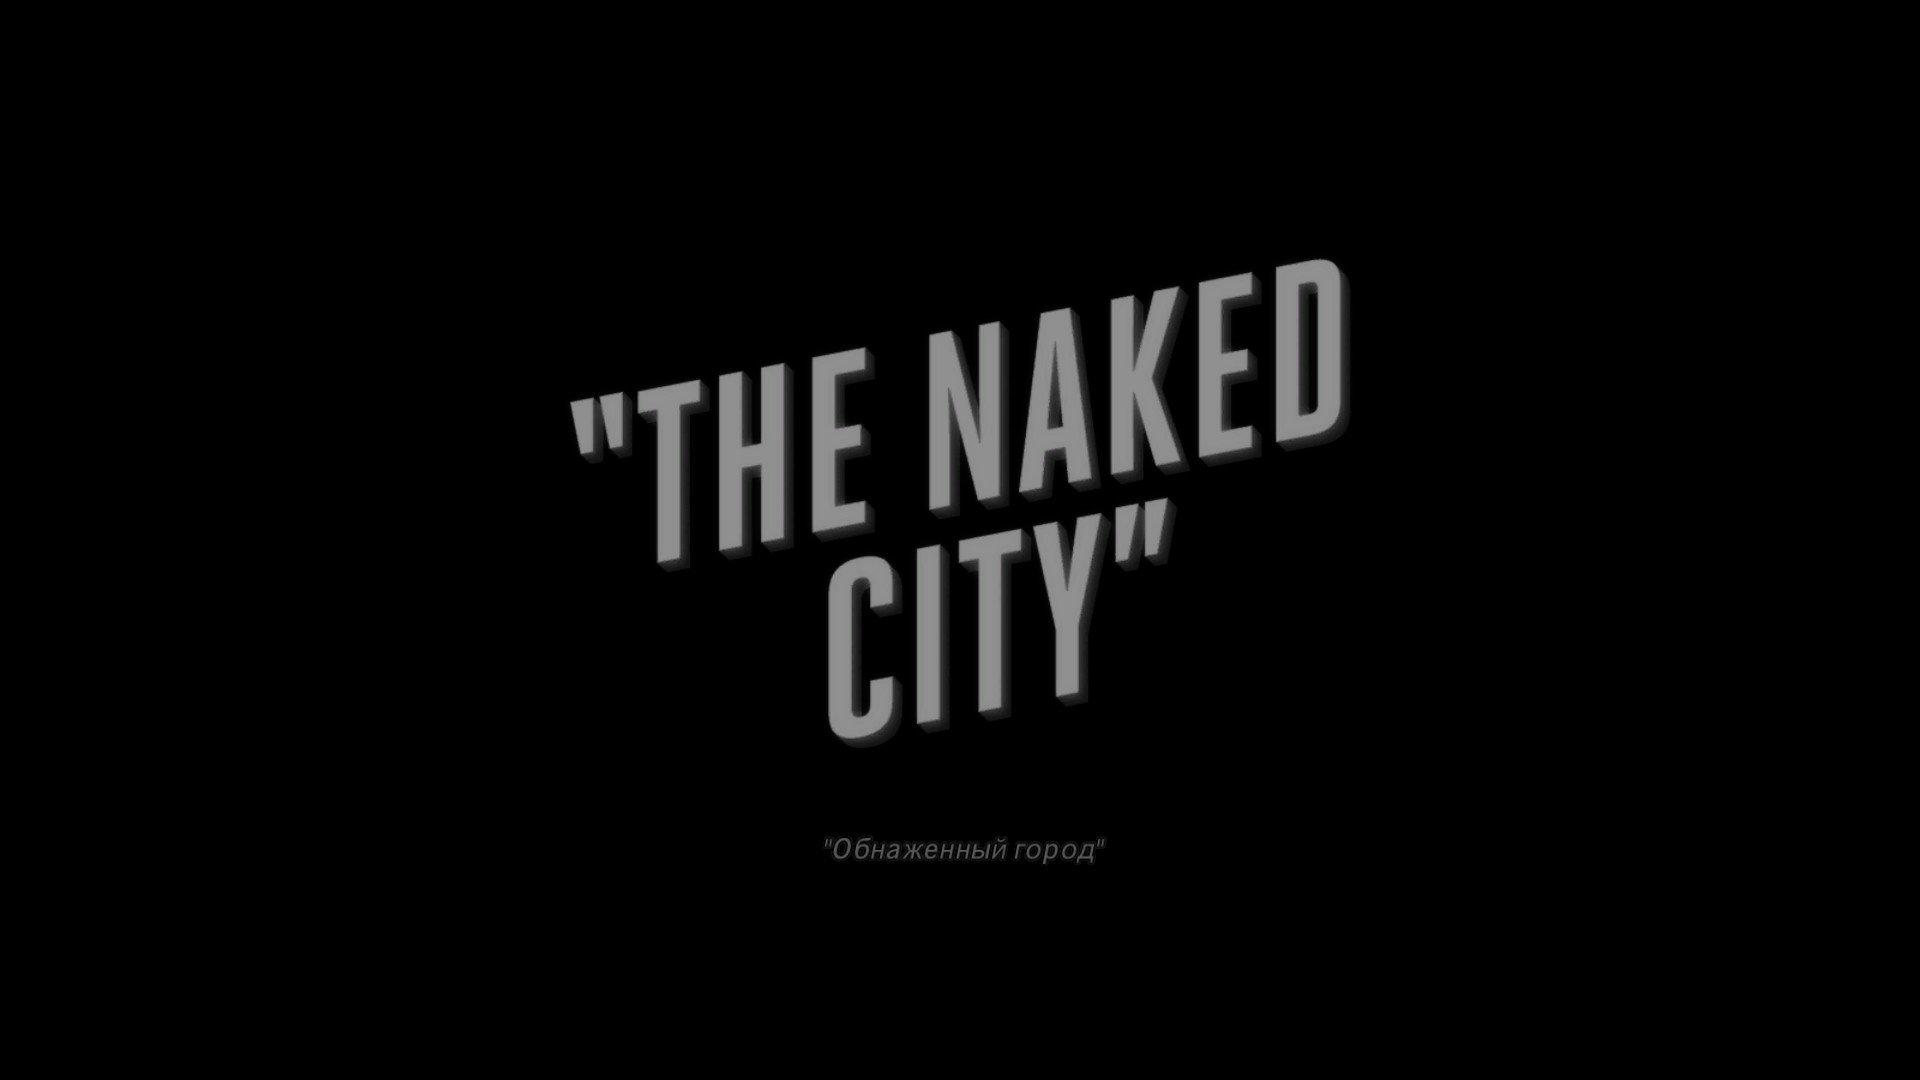 Пост-прохождение L.A. Noire Часть 17 - Изображение 2